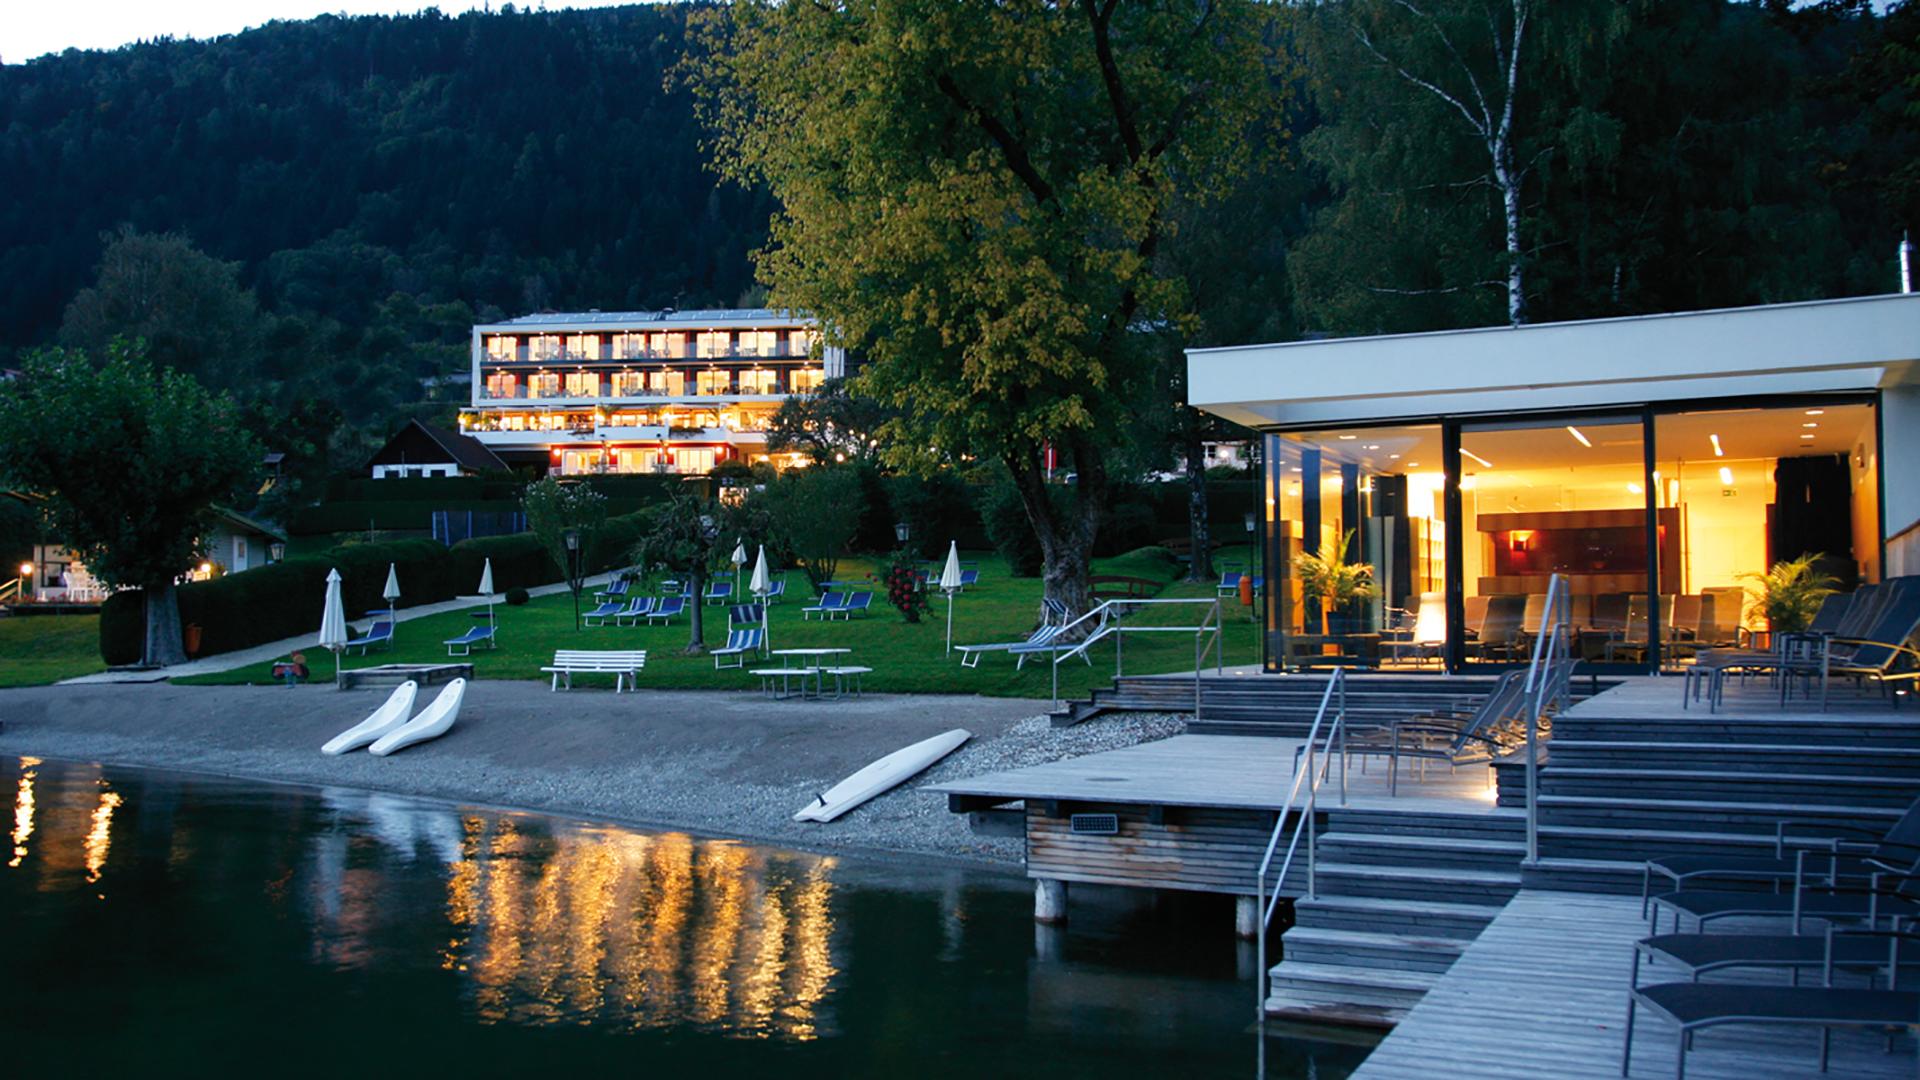 Weitere Infos über das Hotel: www.seehotel-hoffmann.at